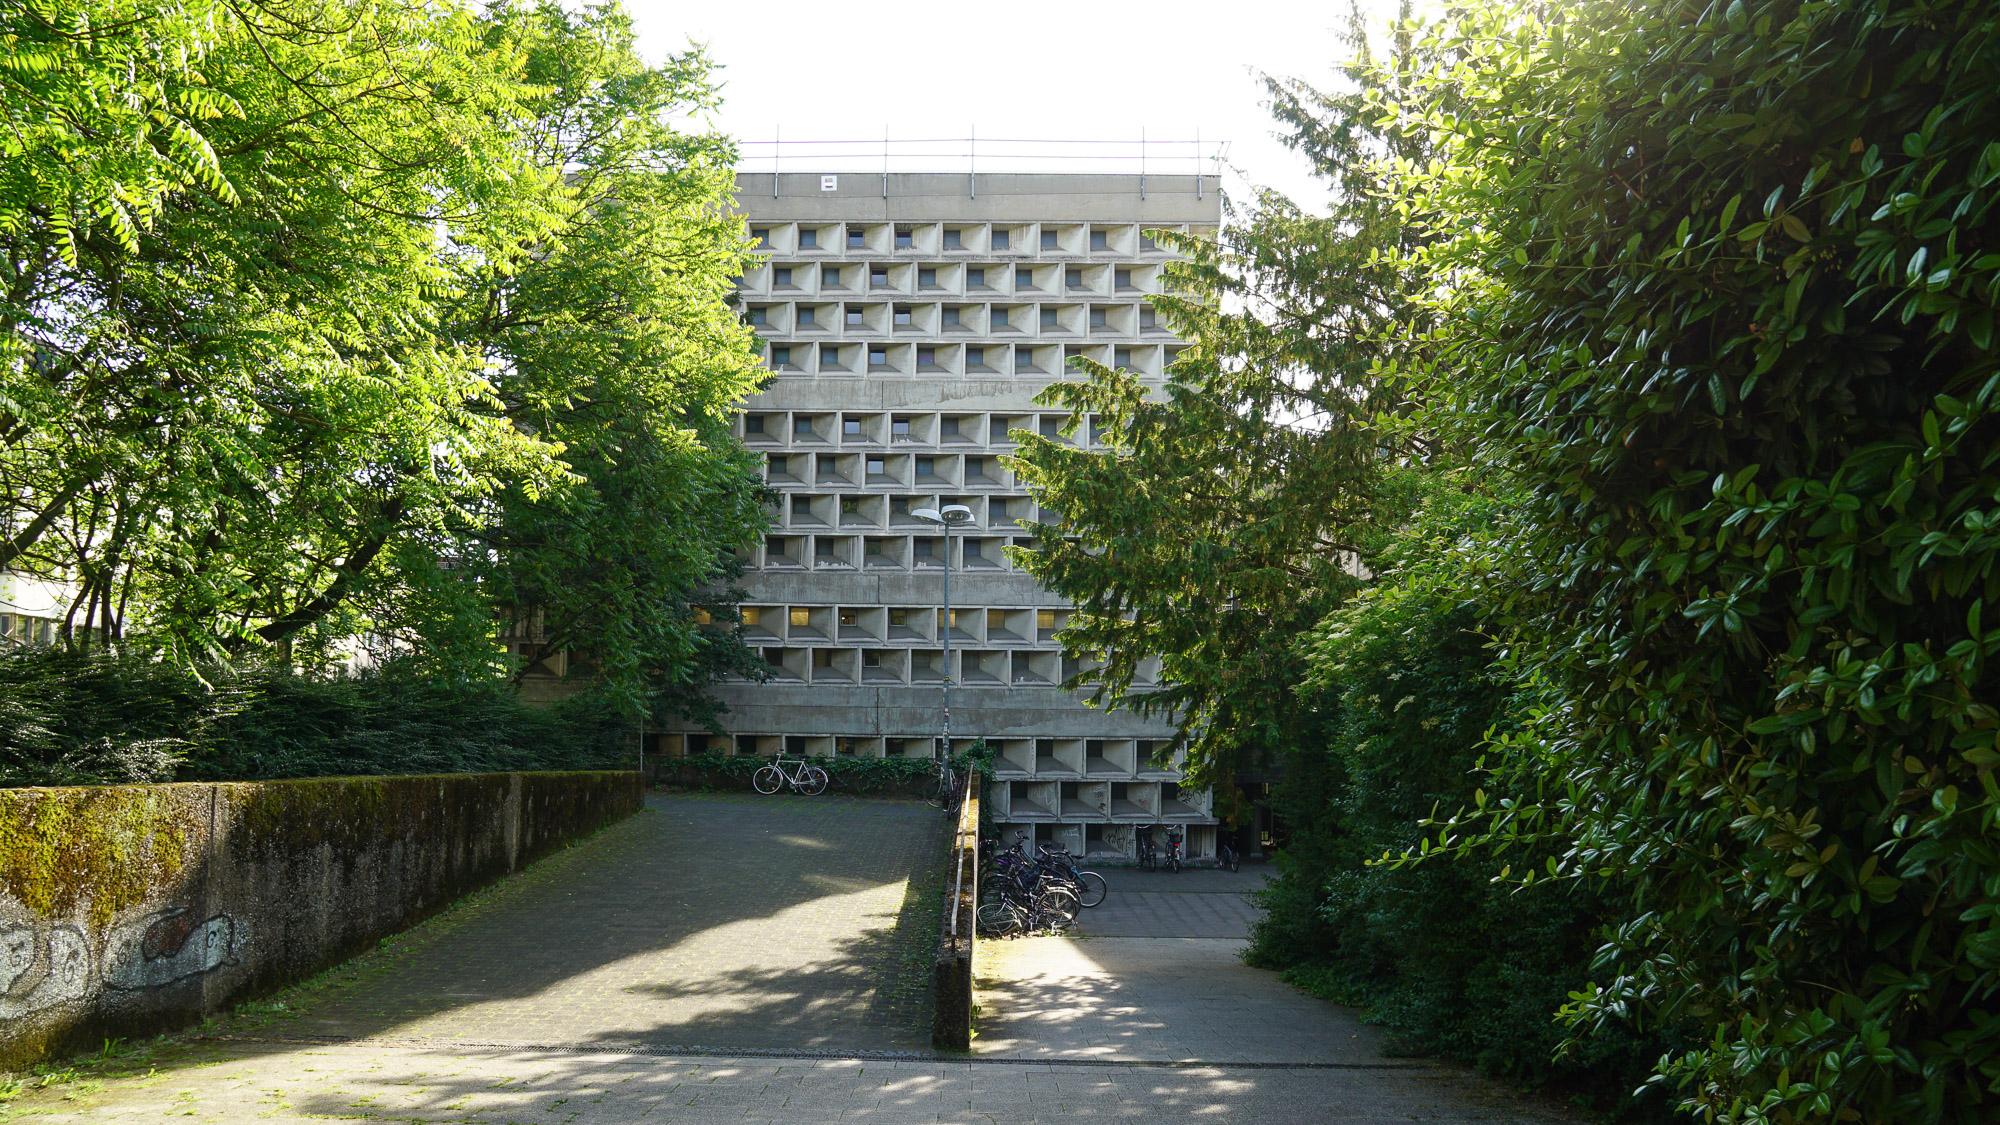 Betongebäude mit schießschartenähnlichen Fenstern. Es wirkt abweisend. Links und rechts Bäume und Sträucher, einige geparkte Fahrräder